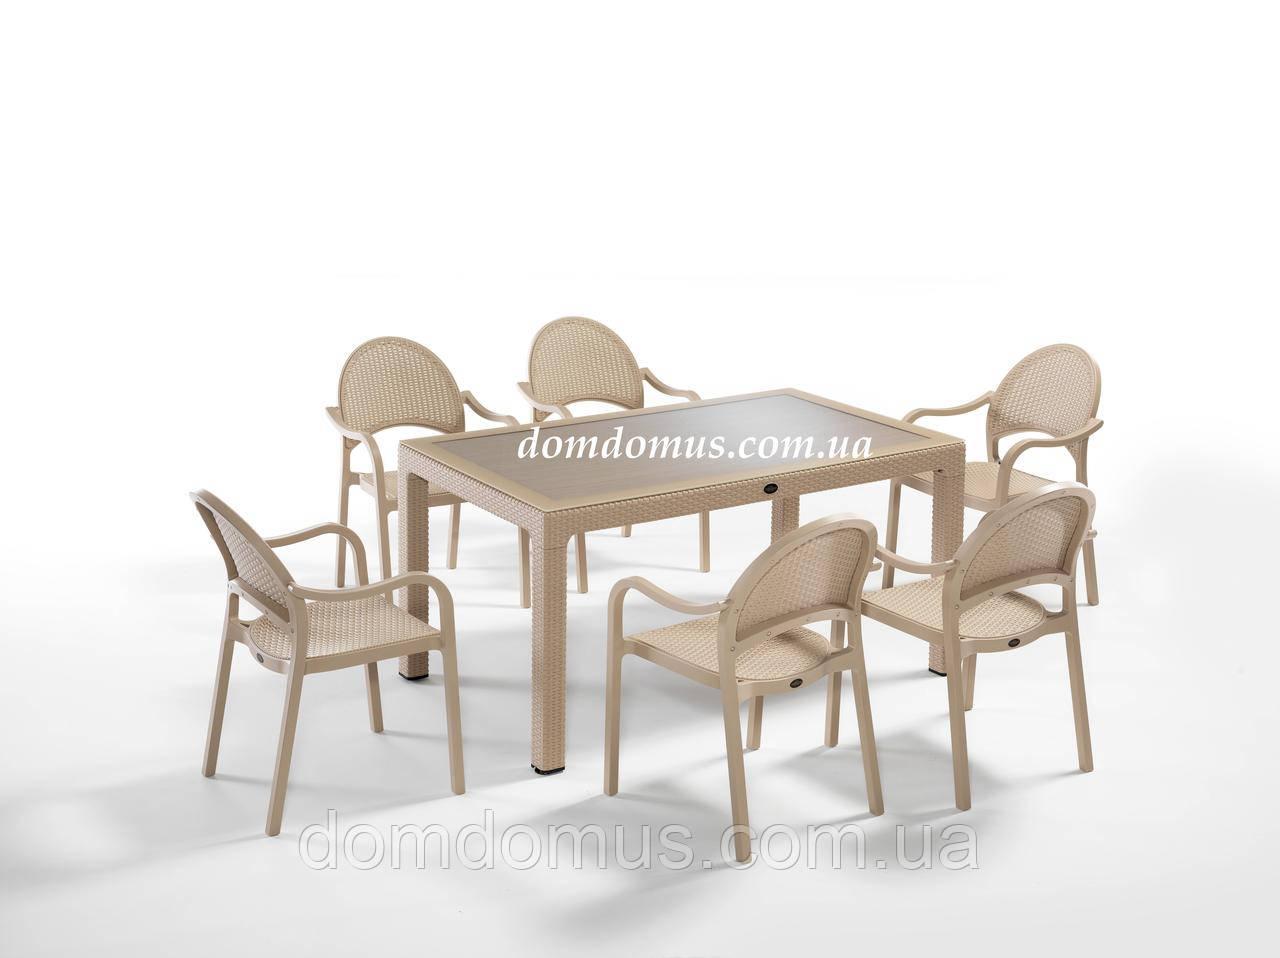 """Комплект высококачественной мебели """" TROPIC FOR 6""""   (стол 90*150, 6 кресла) Novussi, Турция"""